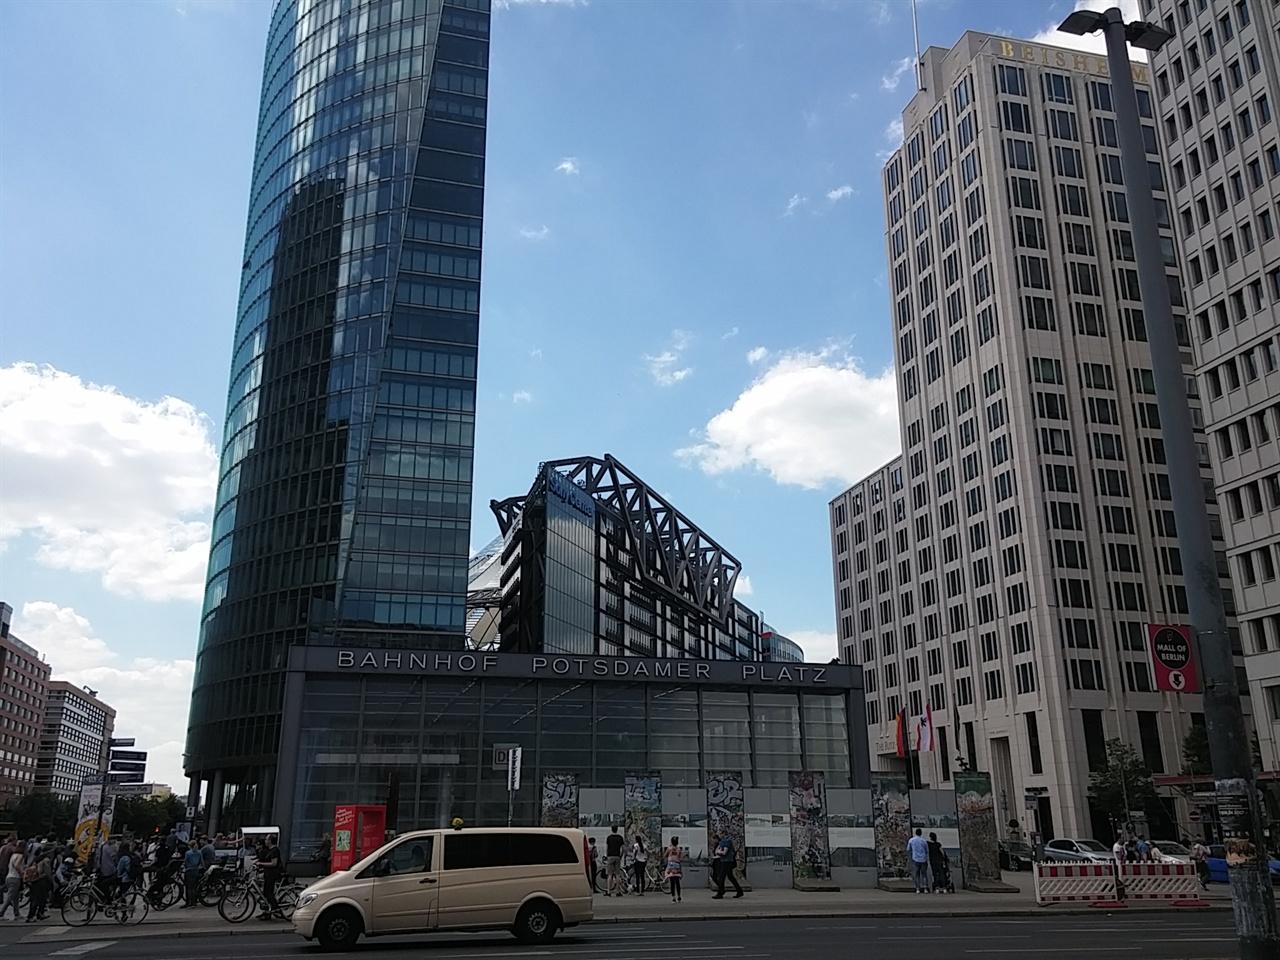 고층빌딩들이 즐비한 포츠담 광장